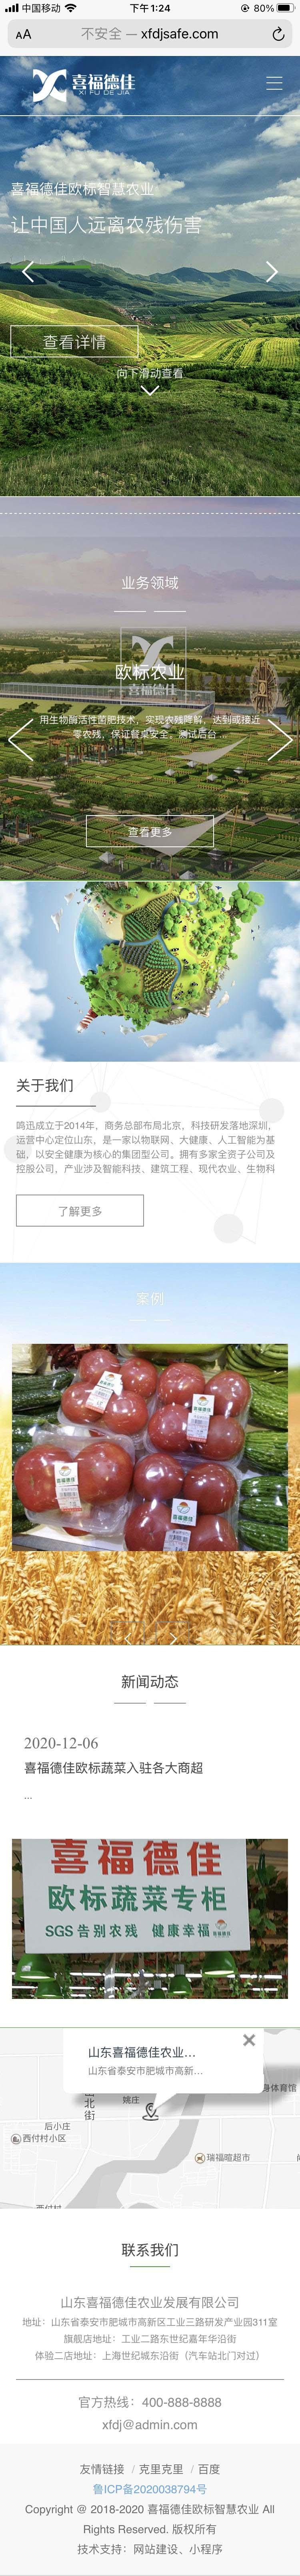 喜福德佳欧标智慧农业,济南网站建设